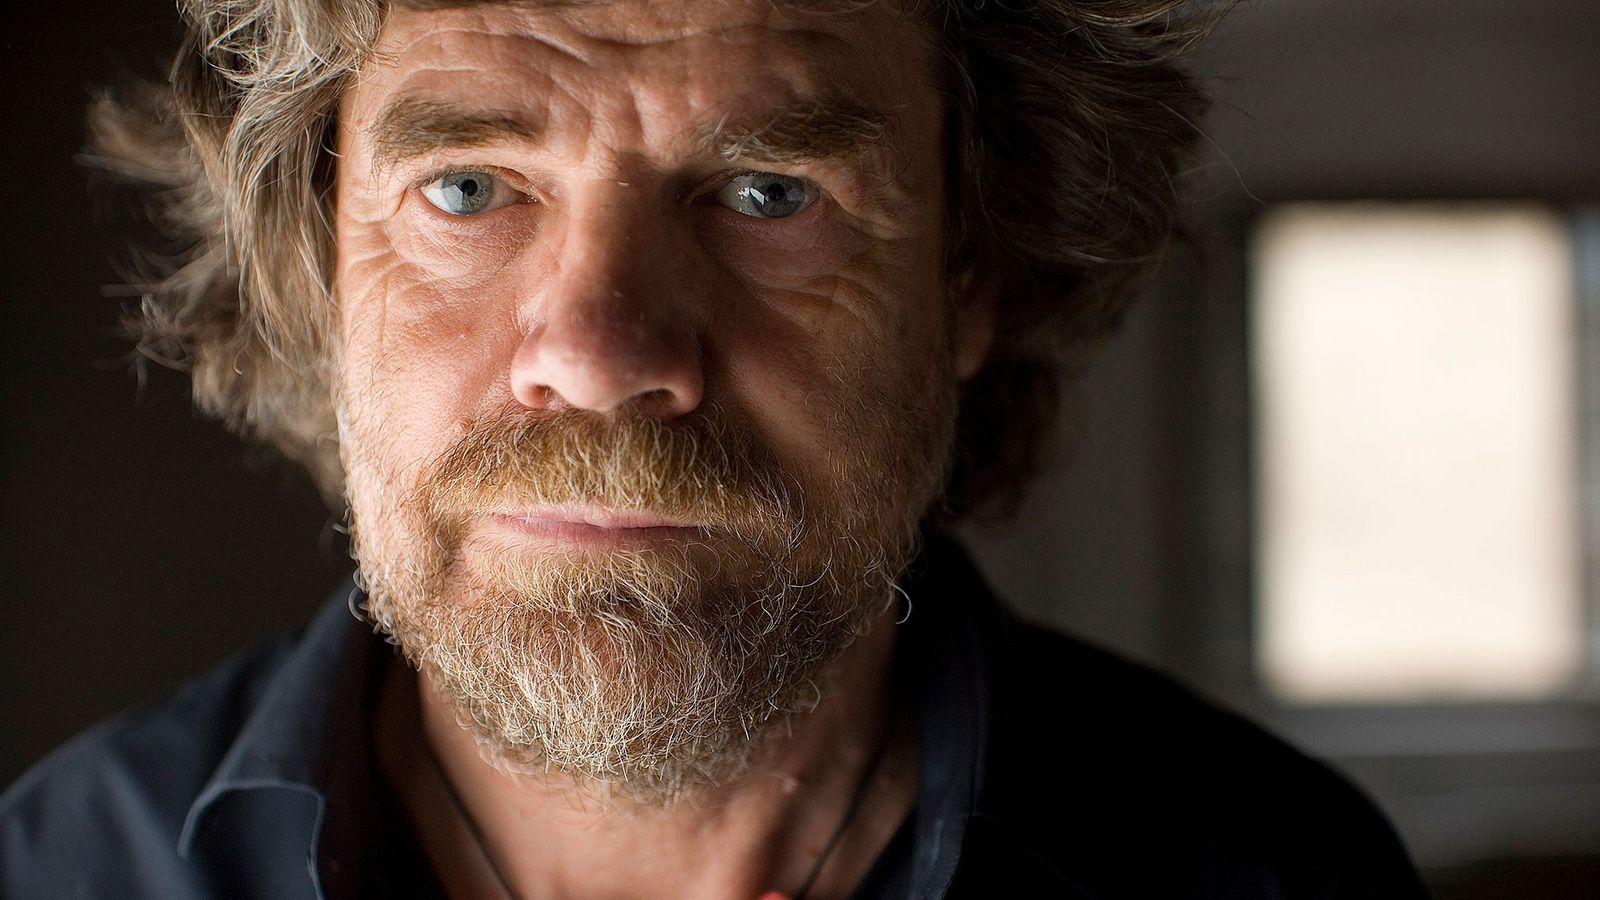 Für Reinhold Messner ist das persönliche Erlebnis beim Bergsteigen wichtiger als Muskelkraft oder waghalsige Aktionen.